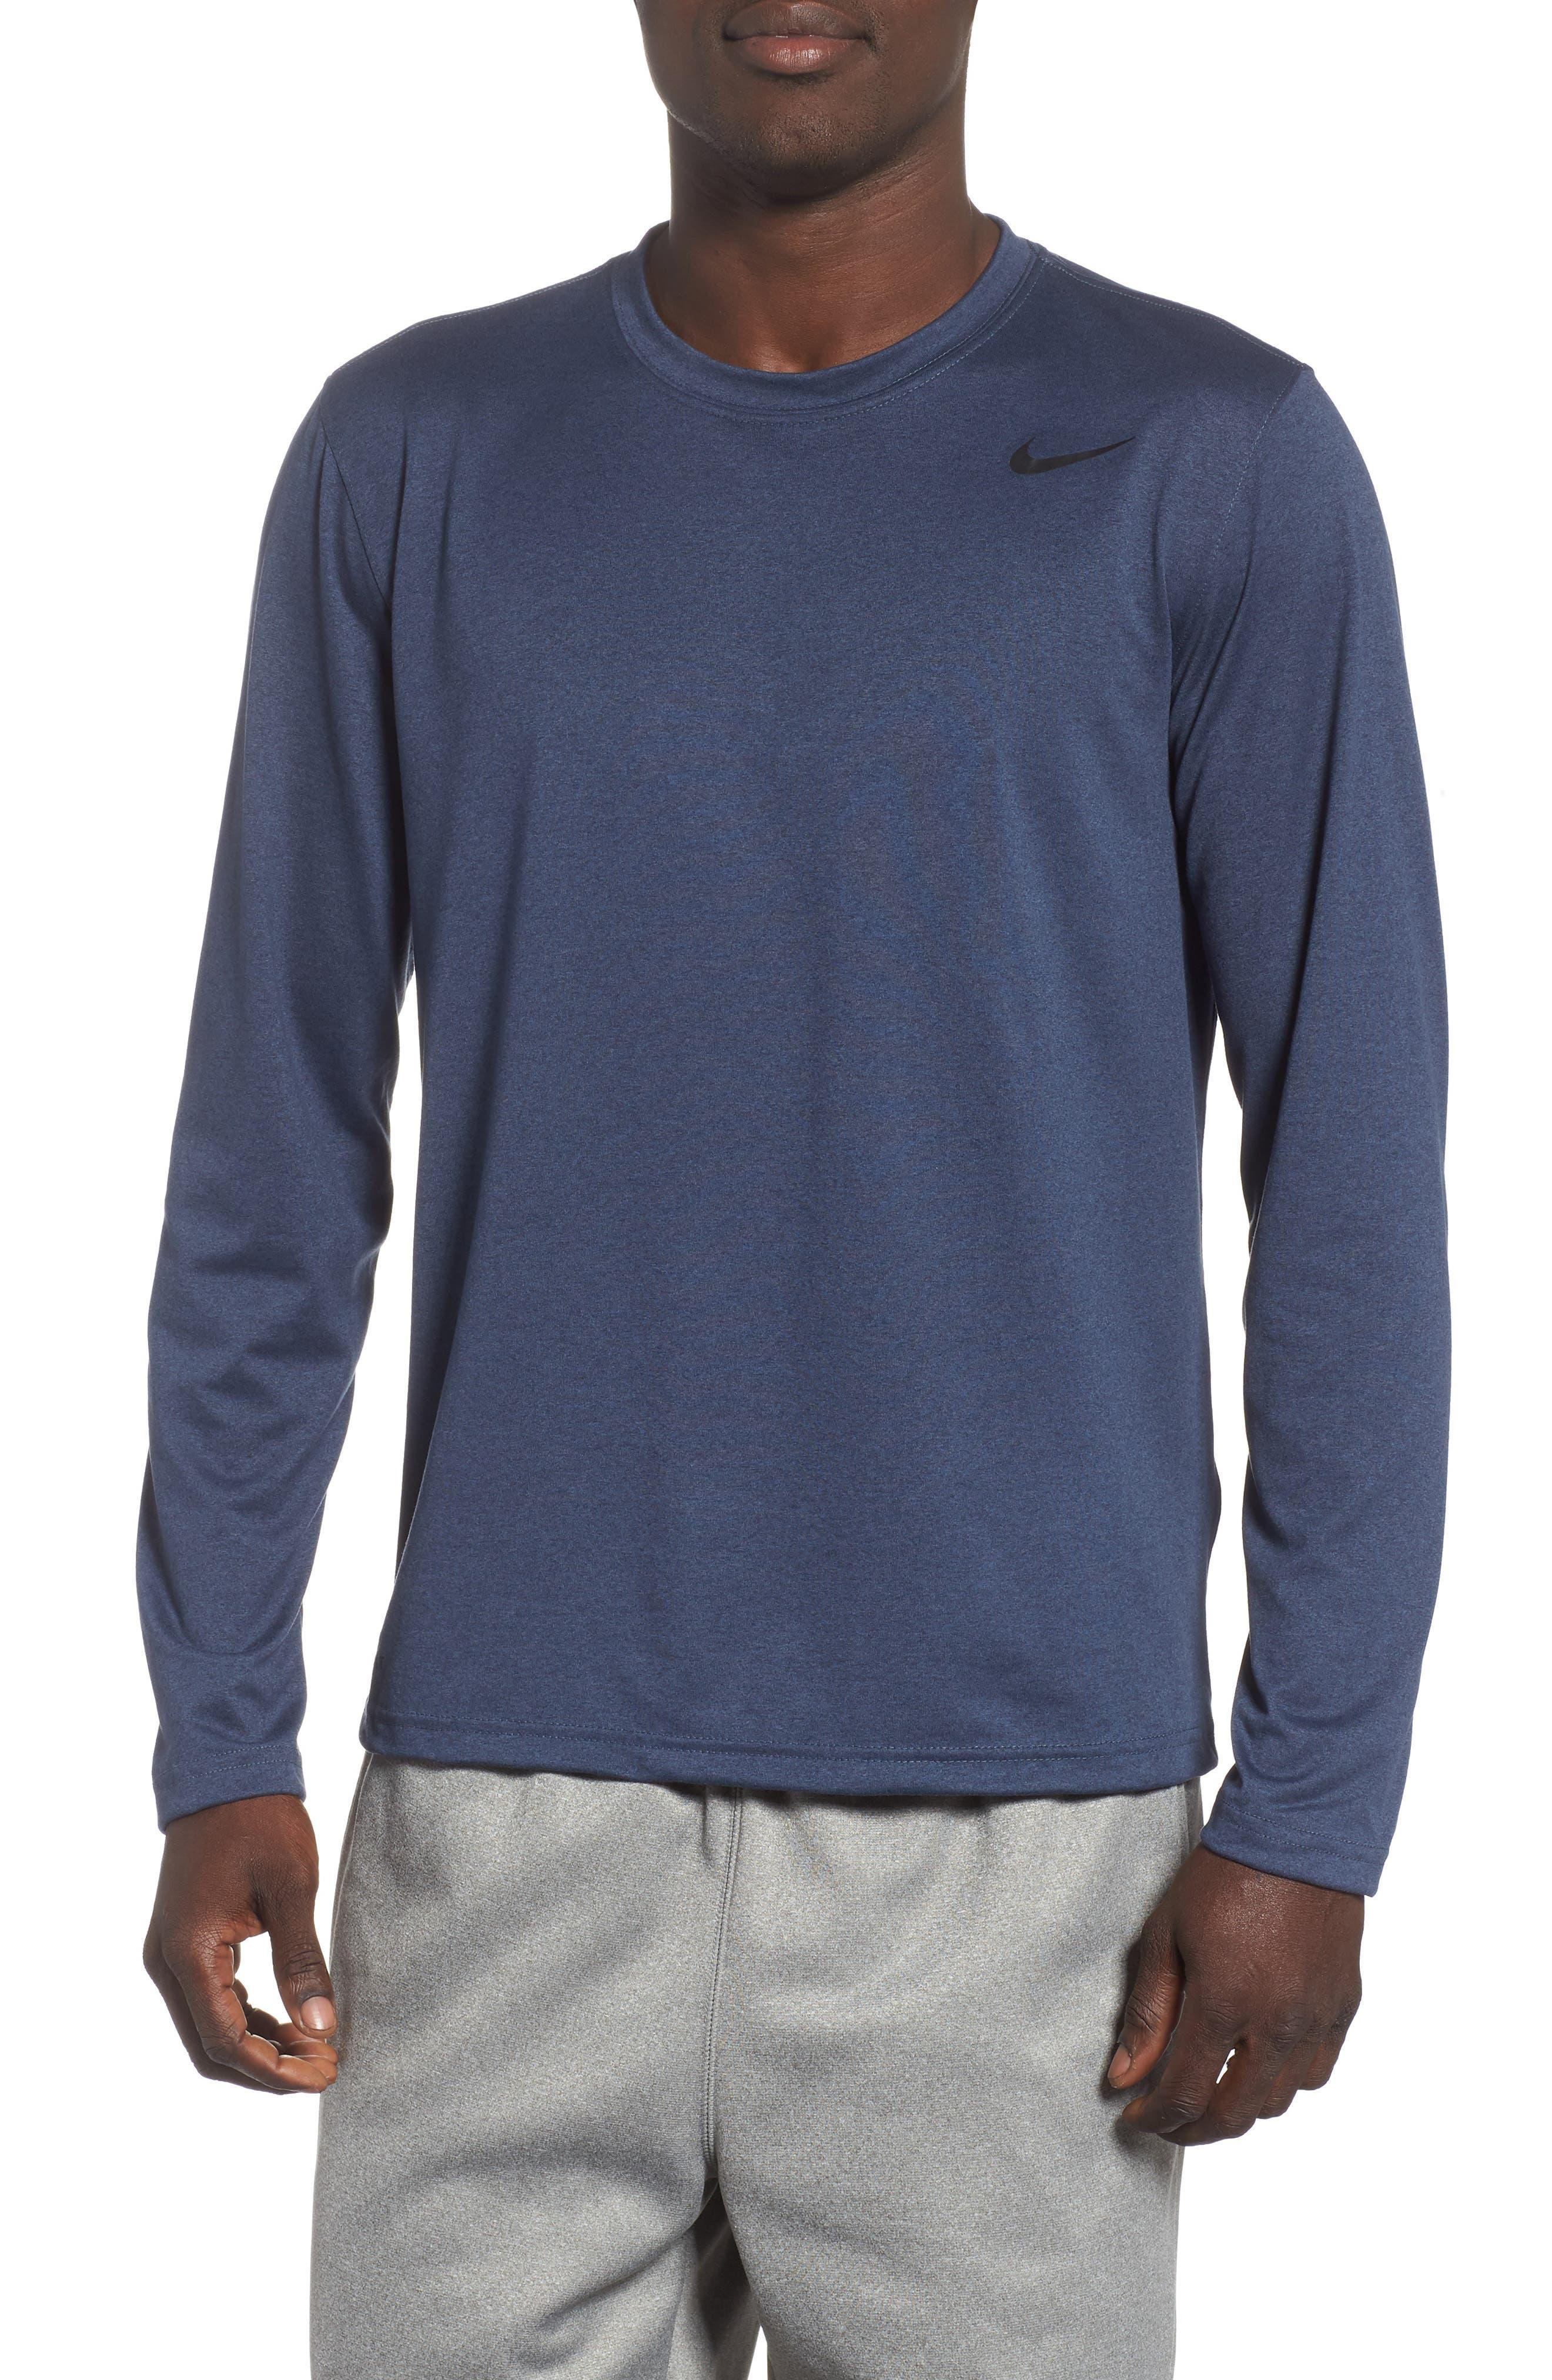 'Legend 2.0' Long Sleeve Dri-FIT Training T-Shirt,                             Main thumbnail 1, color,                             THUNDER BLUE/ BLACK